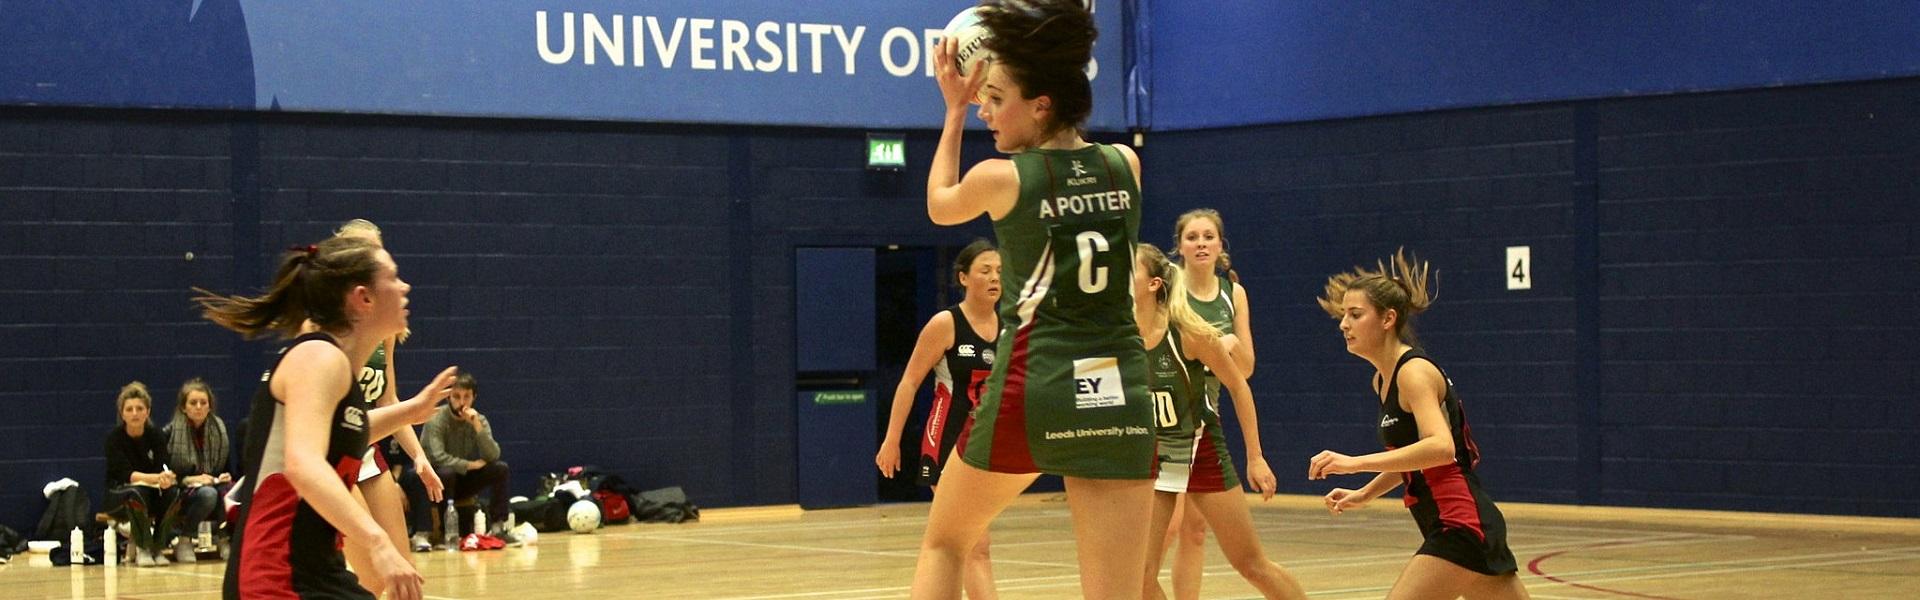 University of Leeds Netball